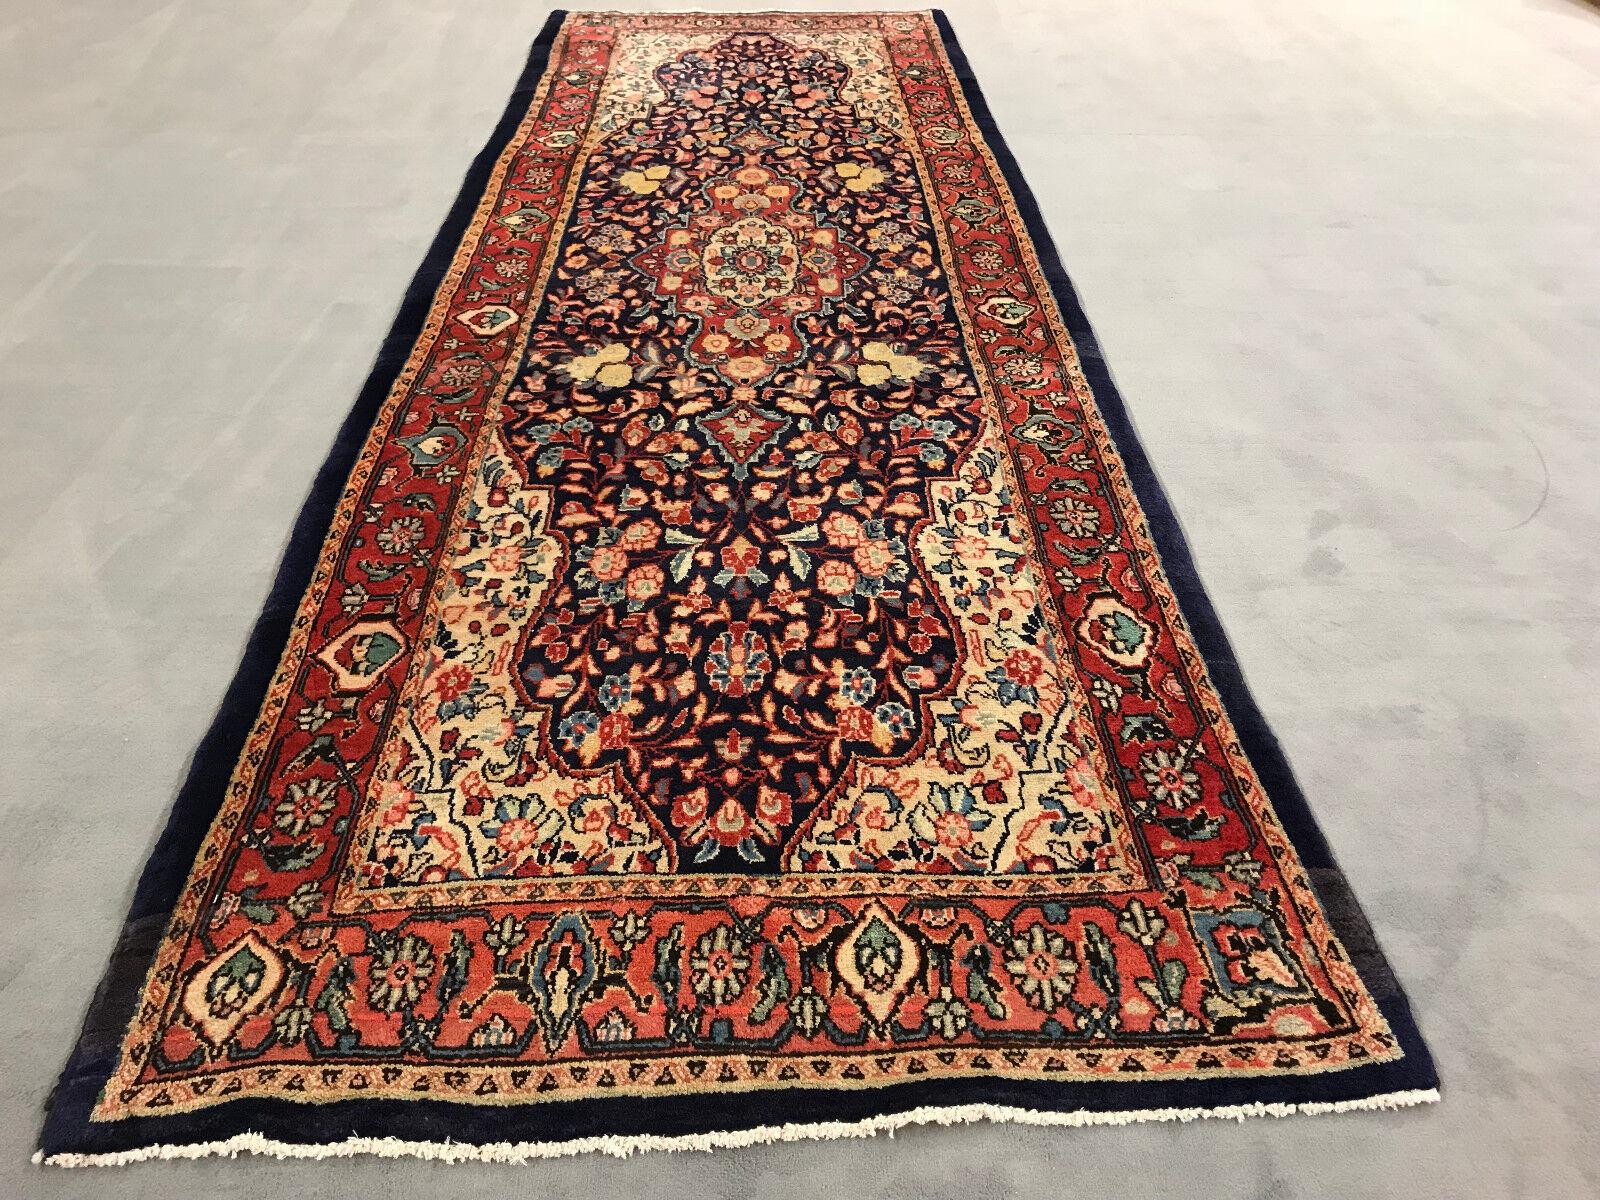 Sarough Orient alfombra persa alfombra 3,53x1,13 m  exclusiva de arte del suelo